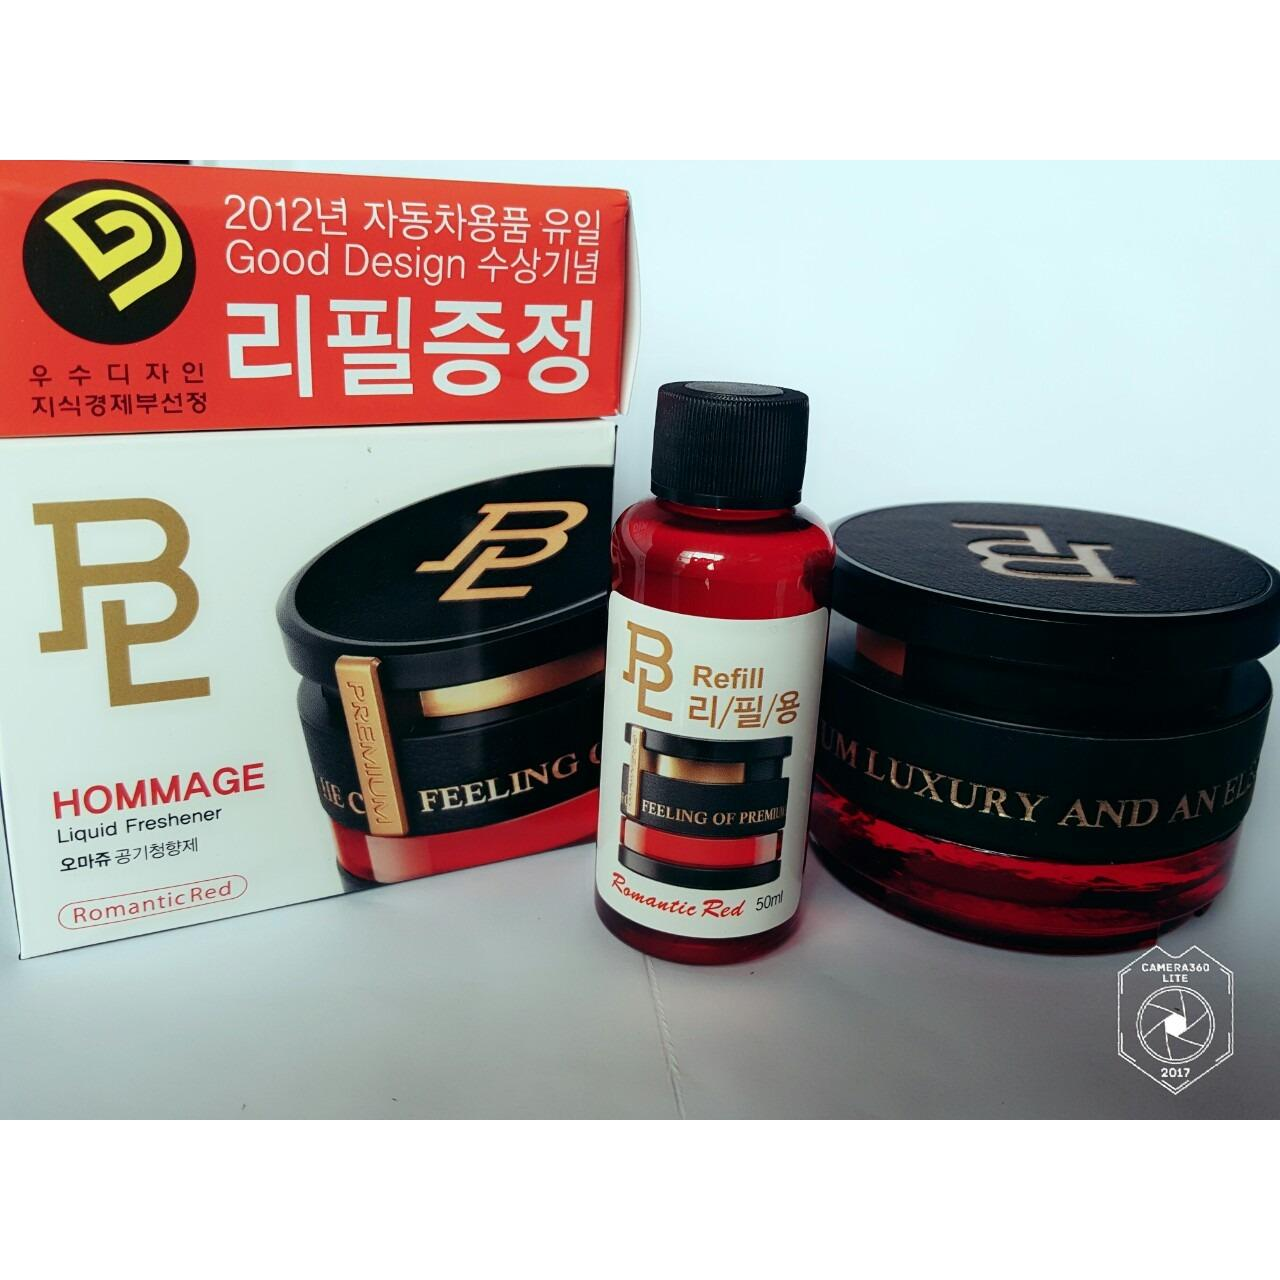 Nước Hoa Black Label Hommage Romantic Red Han Quốc Bl Đỏ Trong Hải Dương